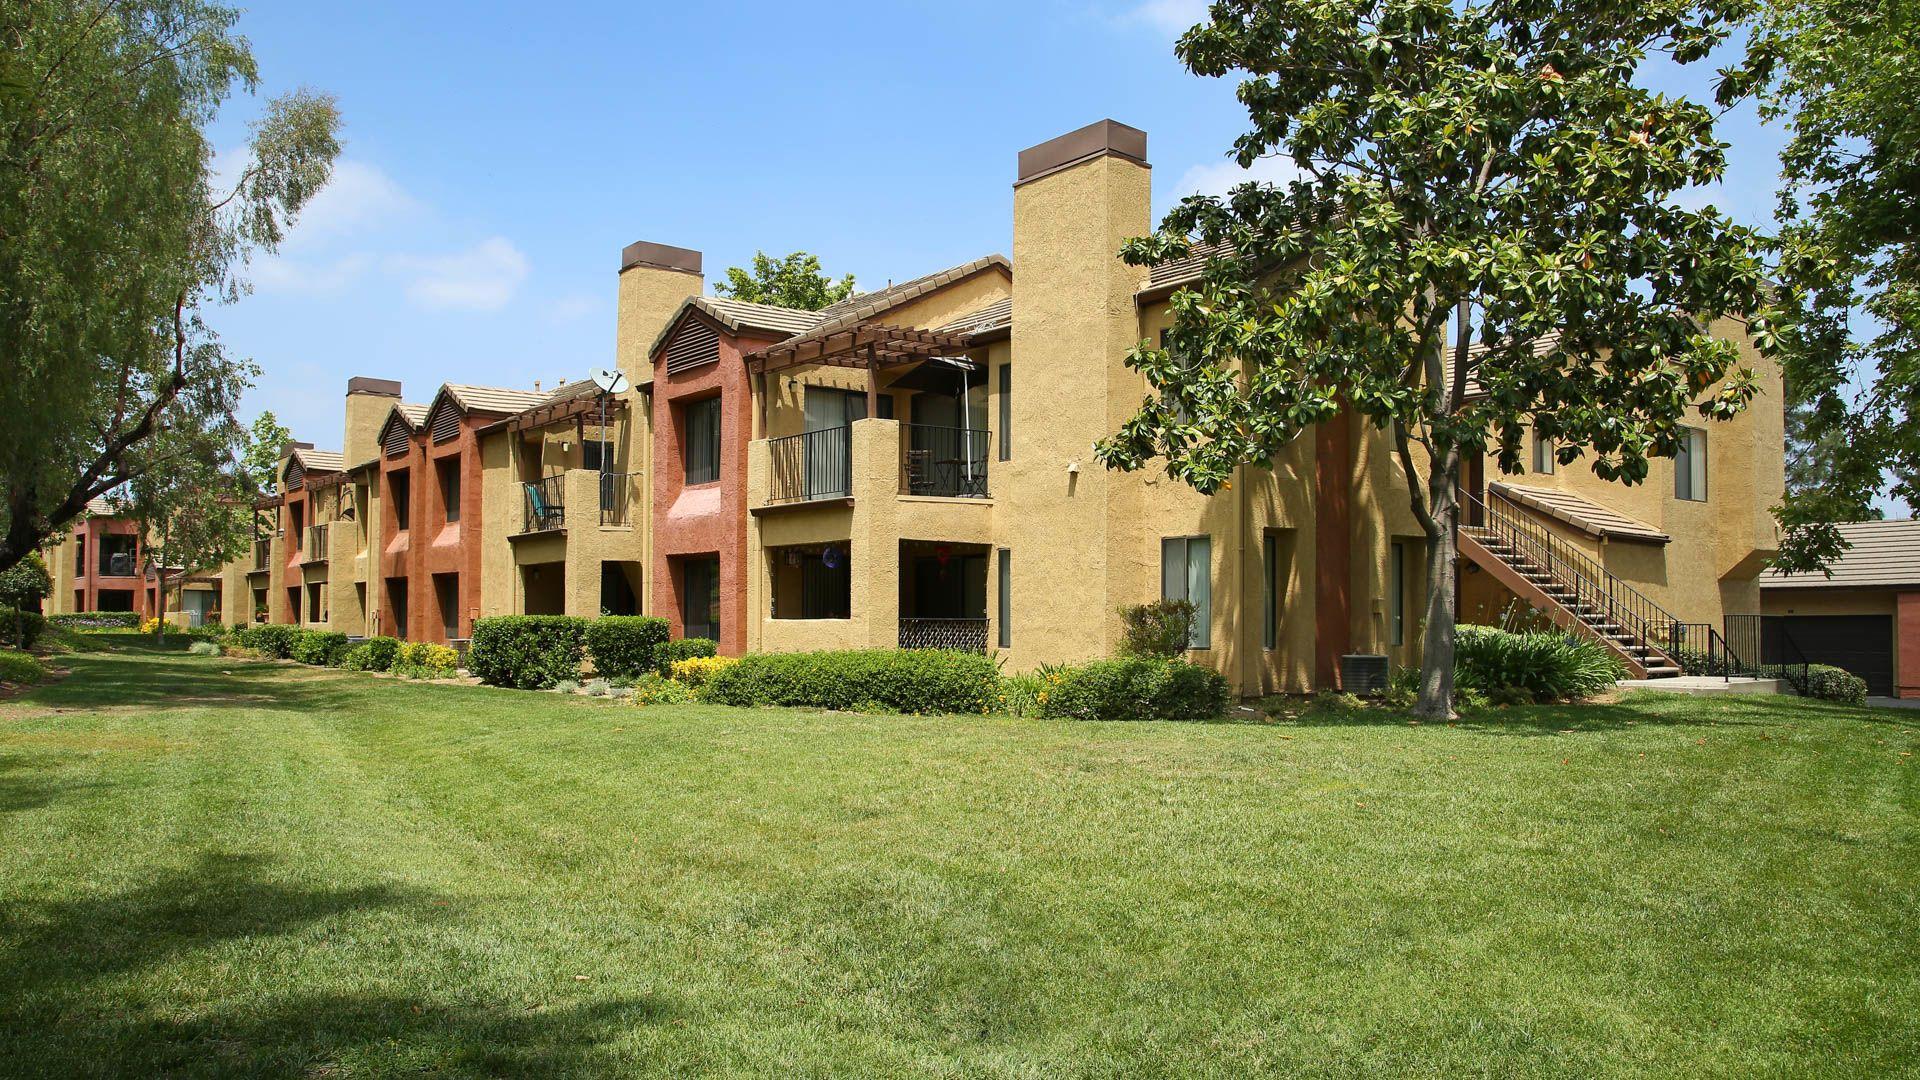 Eagle Canyon Apartments